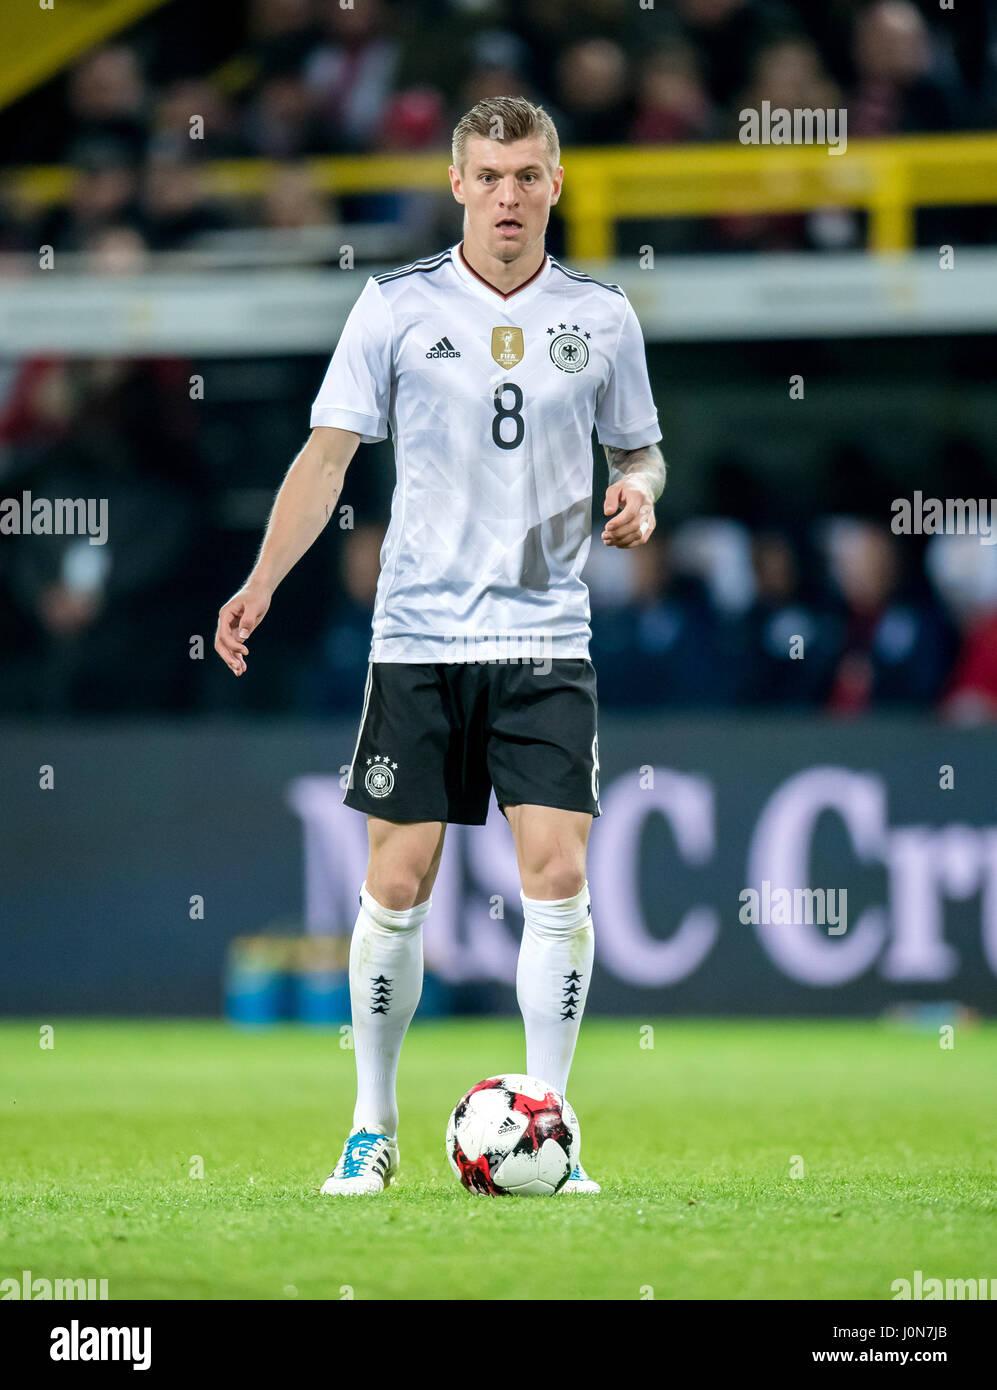 Deutschlands Toni Kroos in Aktion während der nationalen Fußball-match zwischen Deutschland und England im Signal Stockfoto